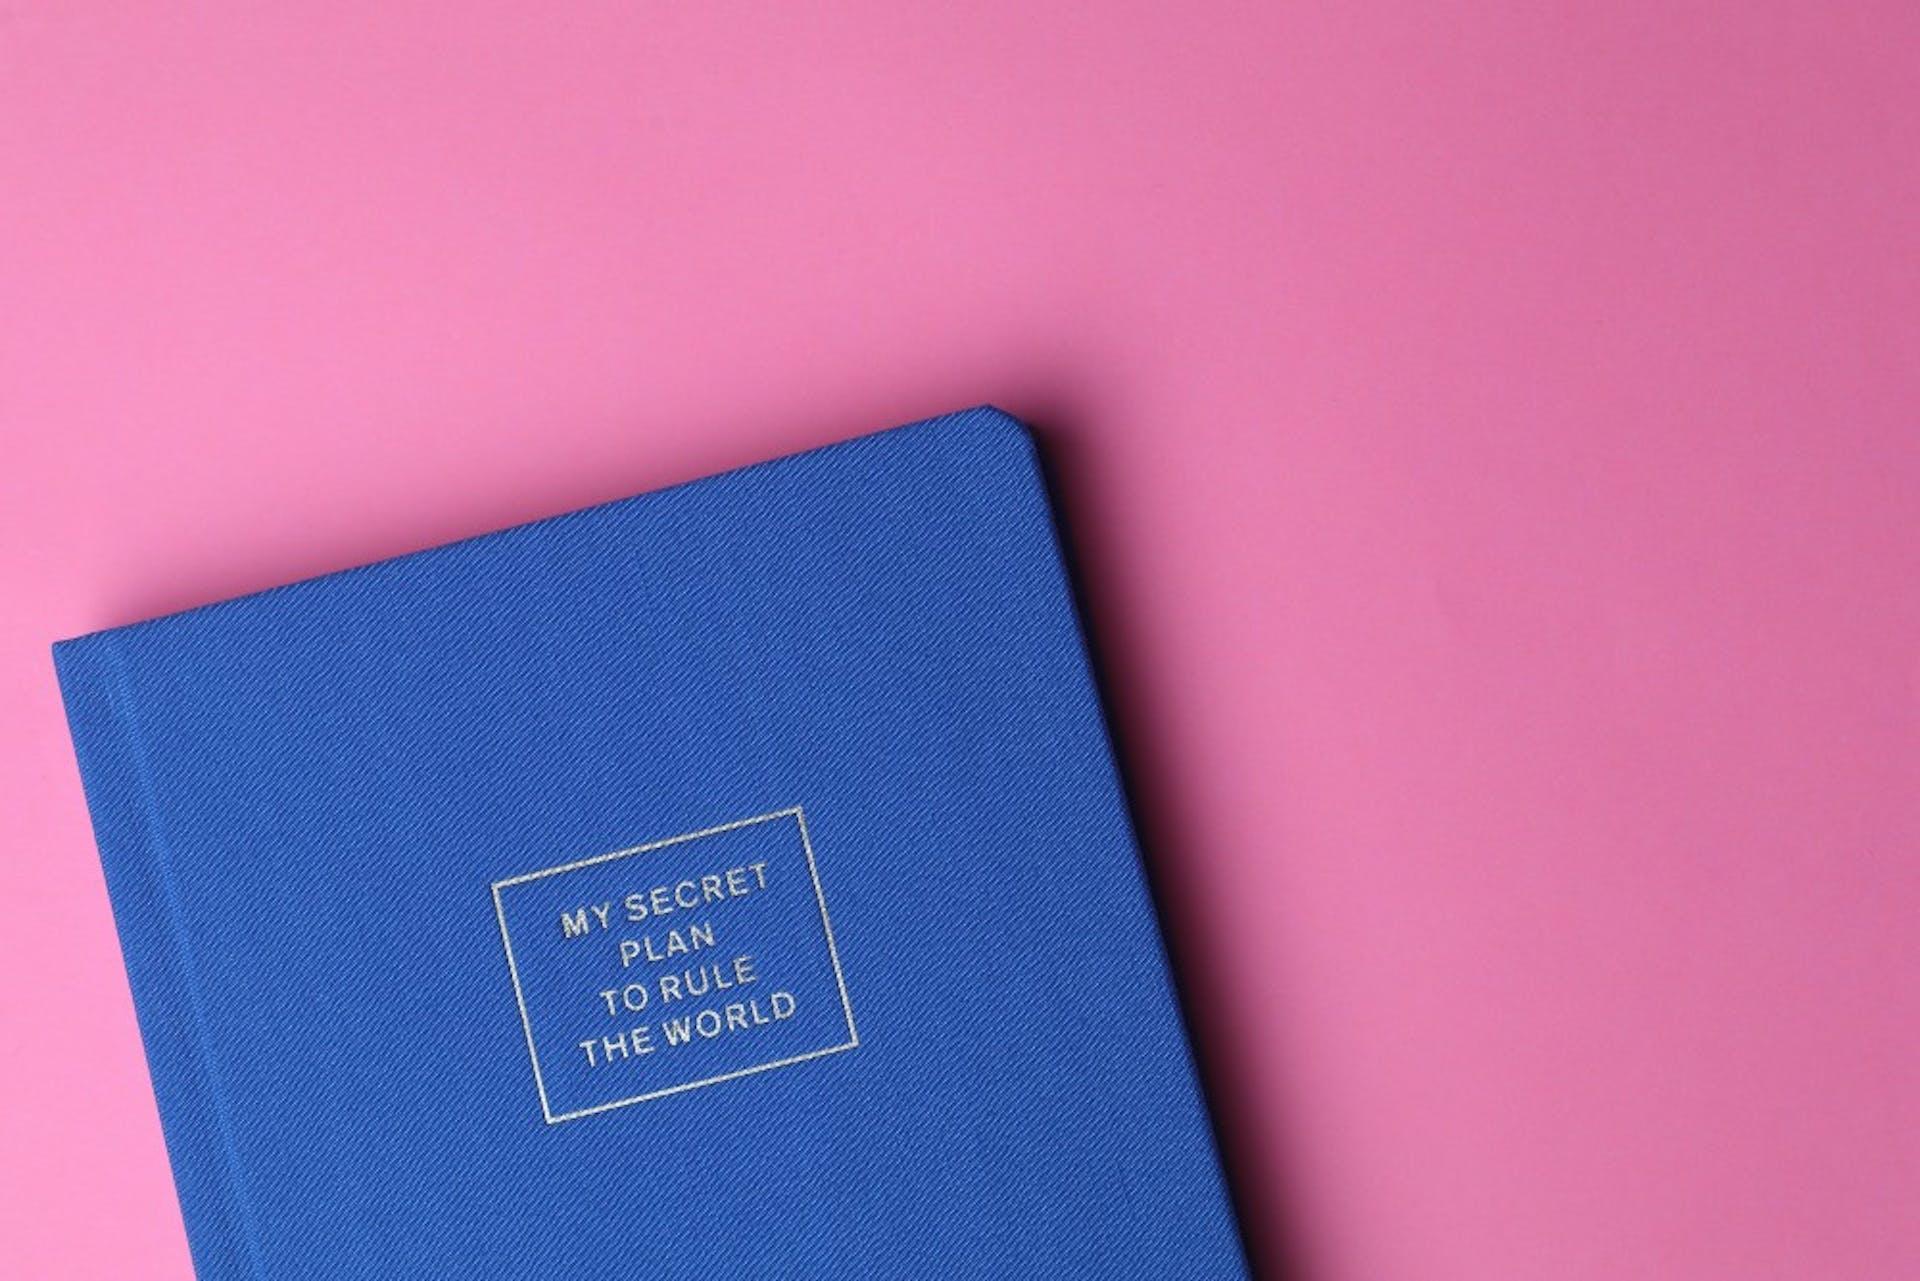 Business Plan: lo que les faltaba a Pinky y Cerebro, con ejemplos